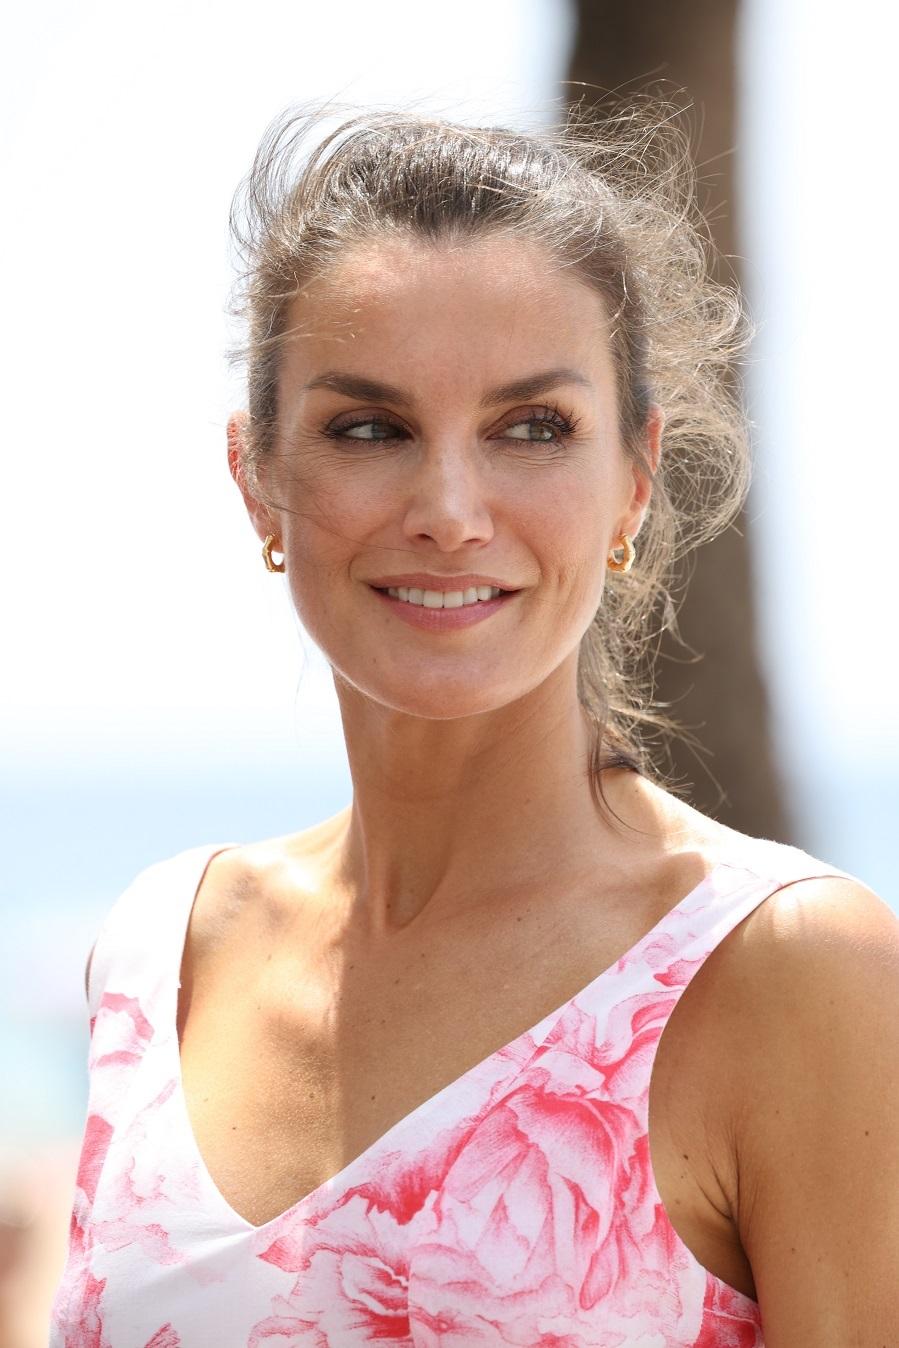 Doña Letizia fiel a los diseñadores gallegos ha elegido un vestido blanco con flores rosas que estrenó para el posado de Palma de Mallorca, en los jardines de Marivent en 2019. El maquillaje muy natural, con un labial ligeramente rosa.